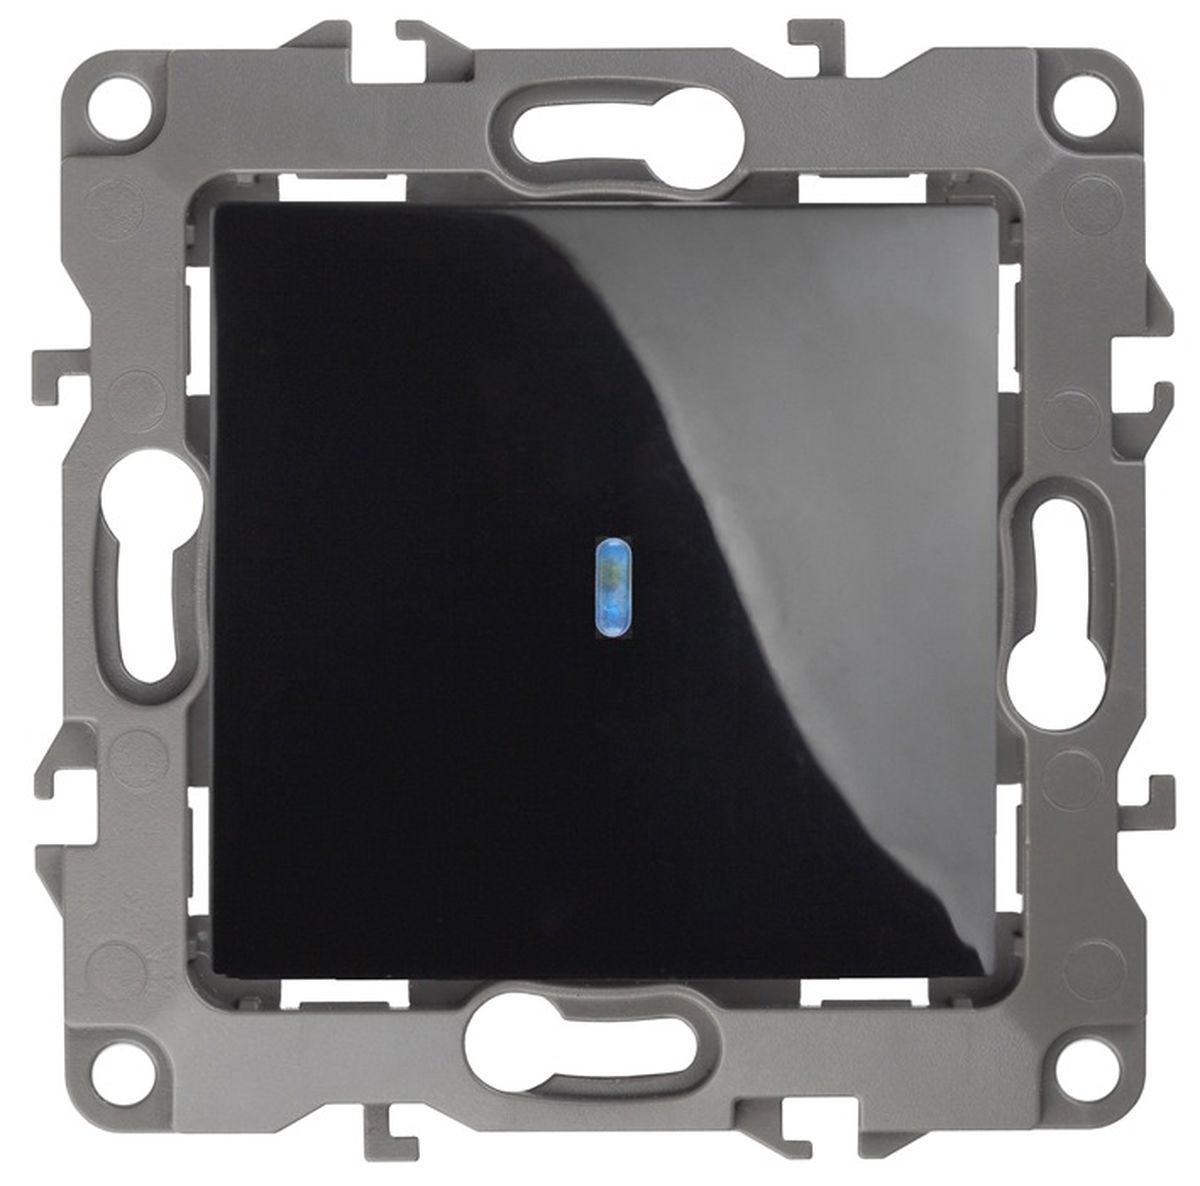 """Выключатель """"ЭРА"""", с подсветкой, цвет: черный, серый. 12-1102 12-1102-06"""